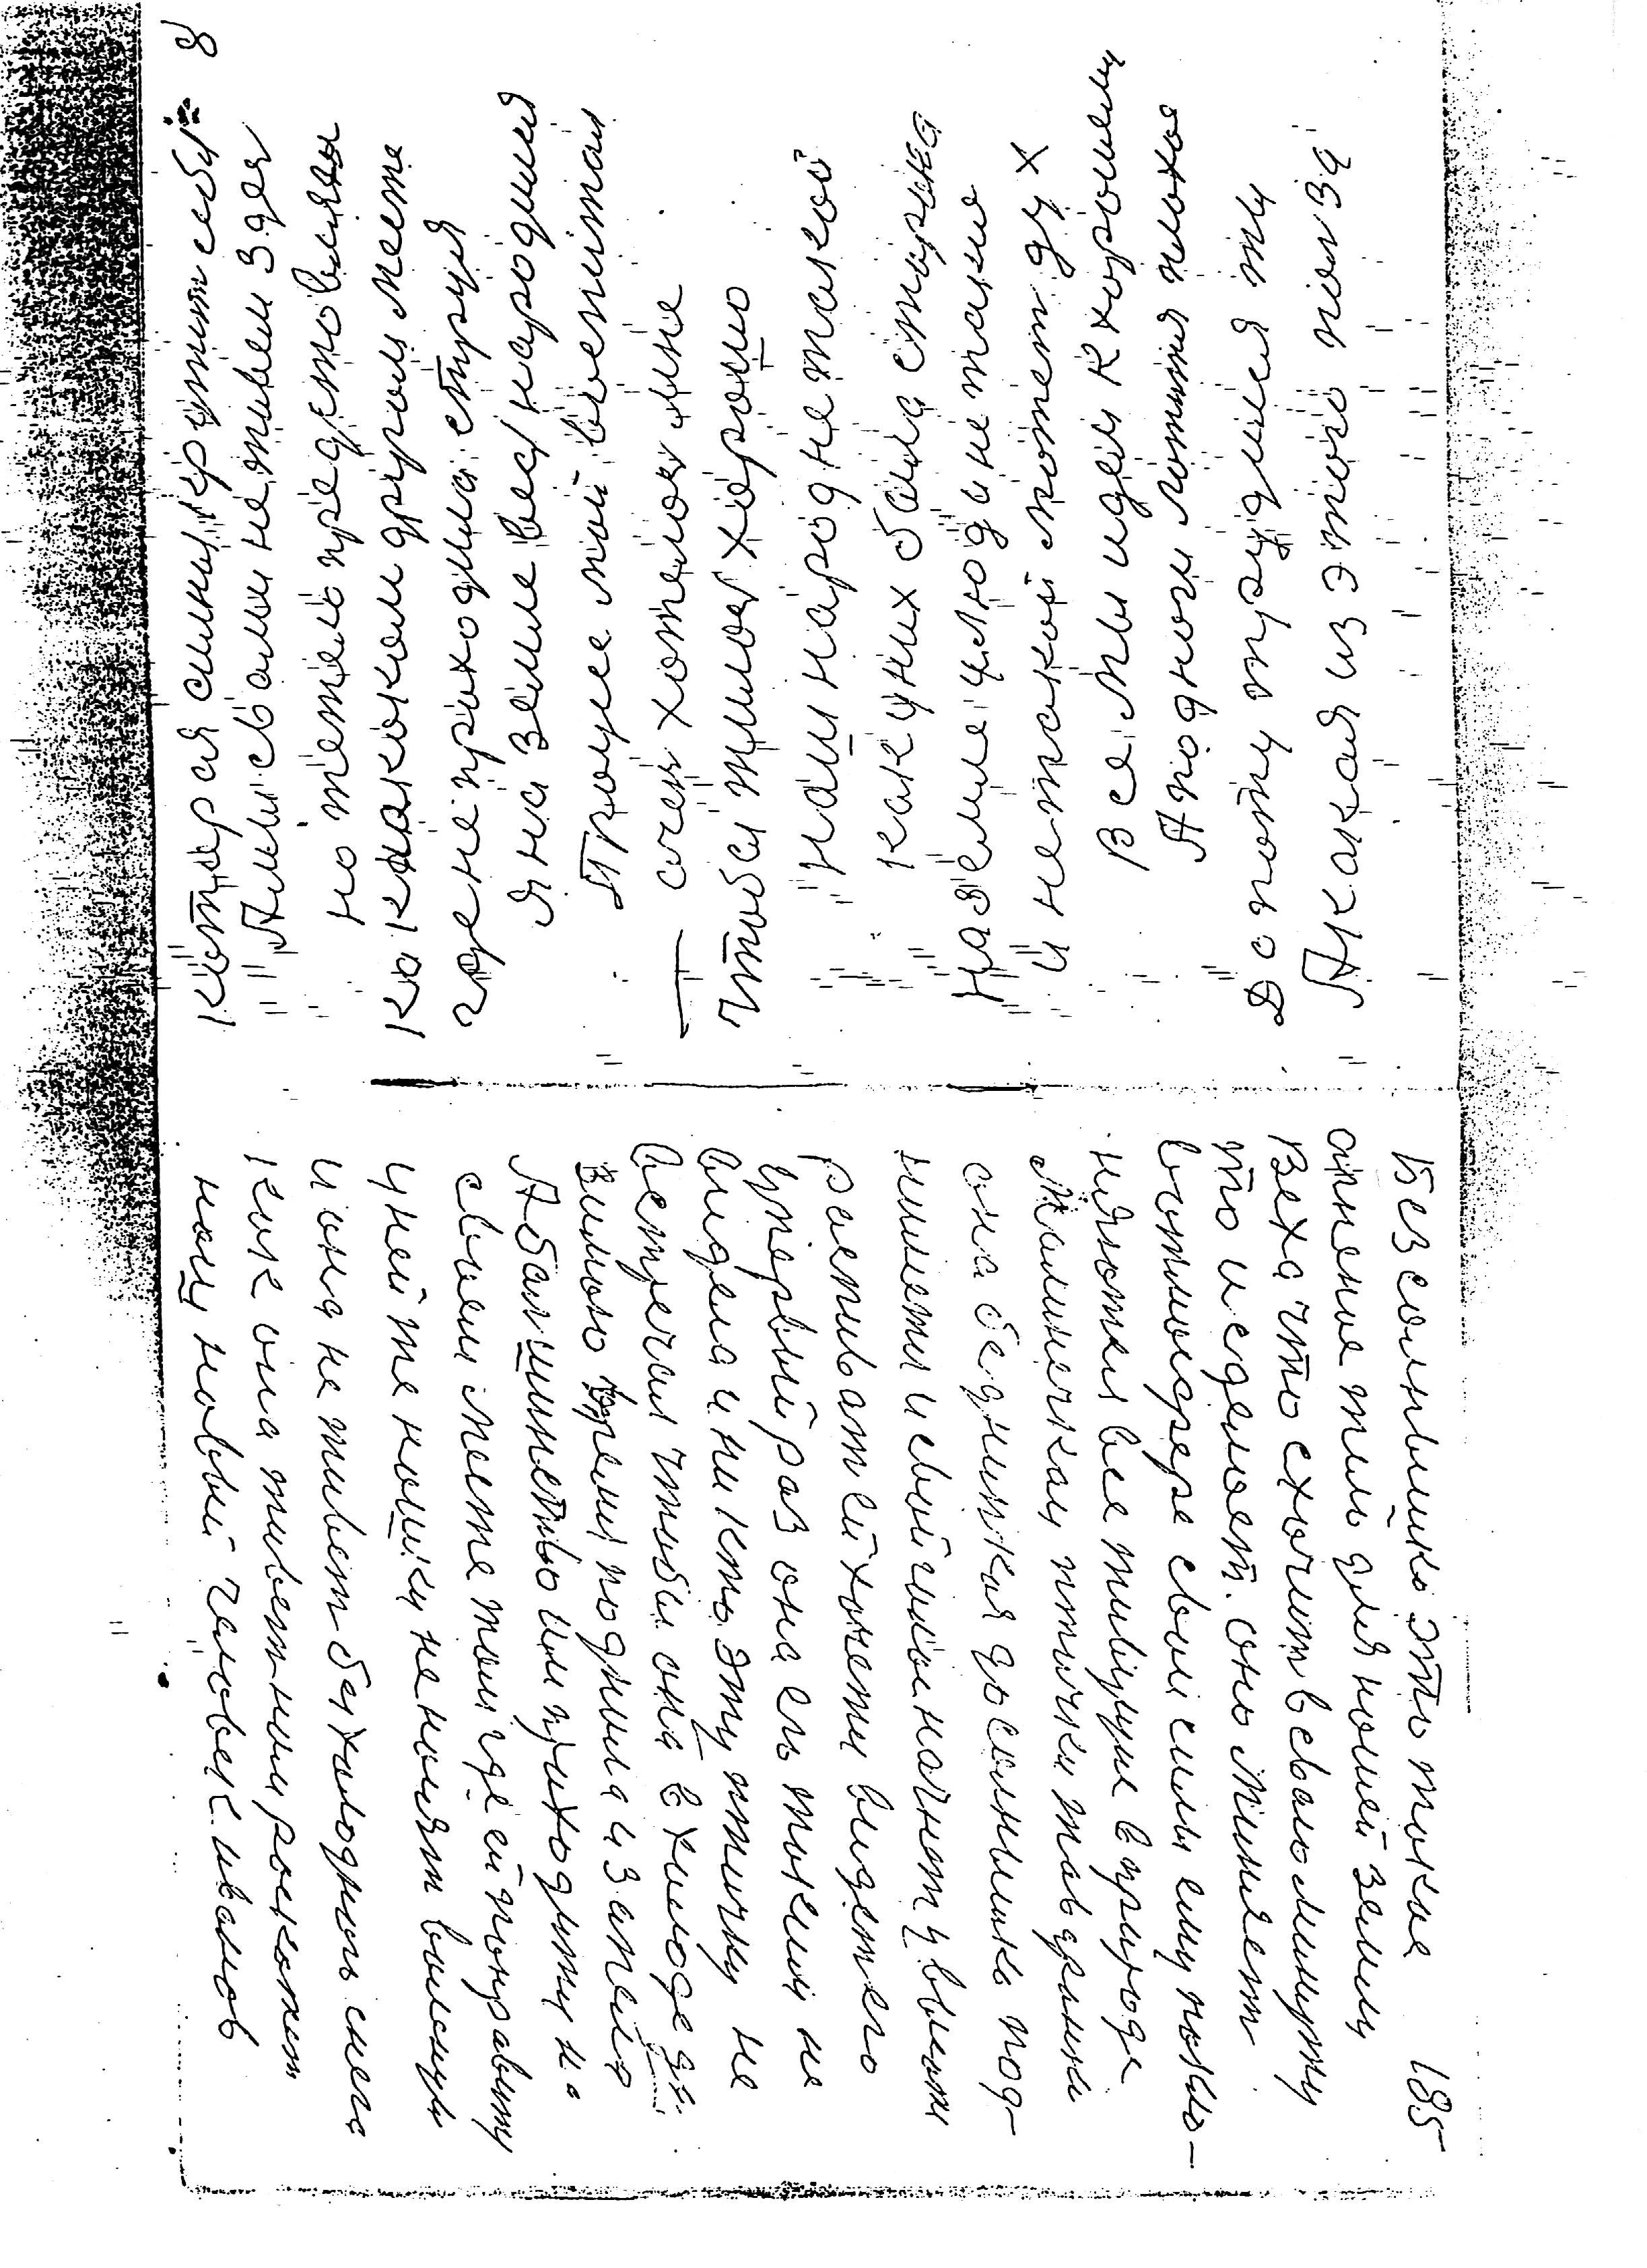 08-185.jpg